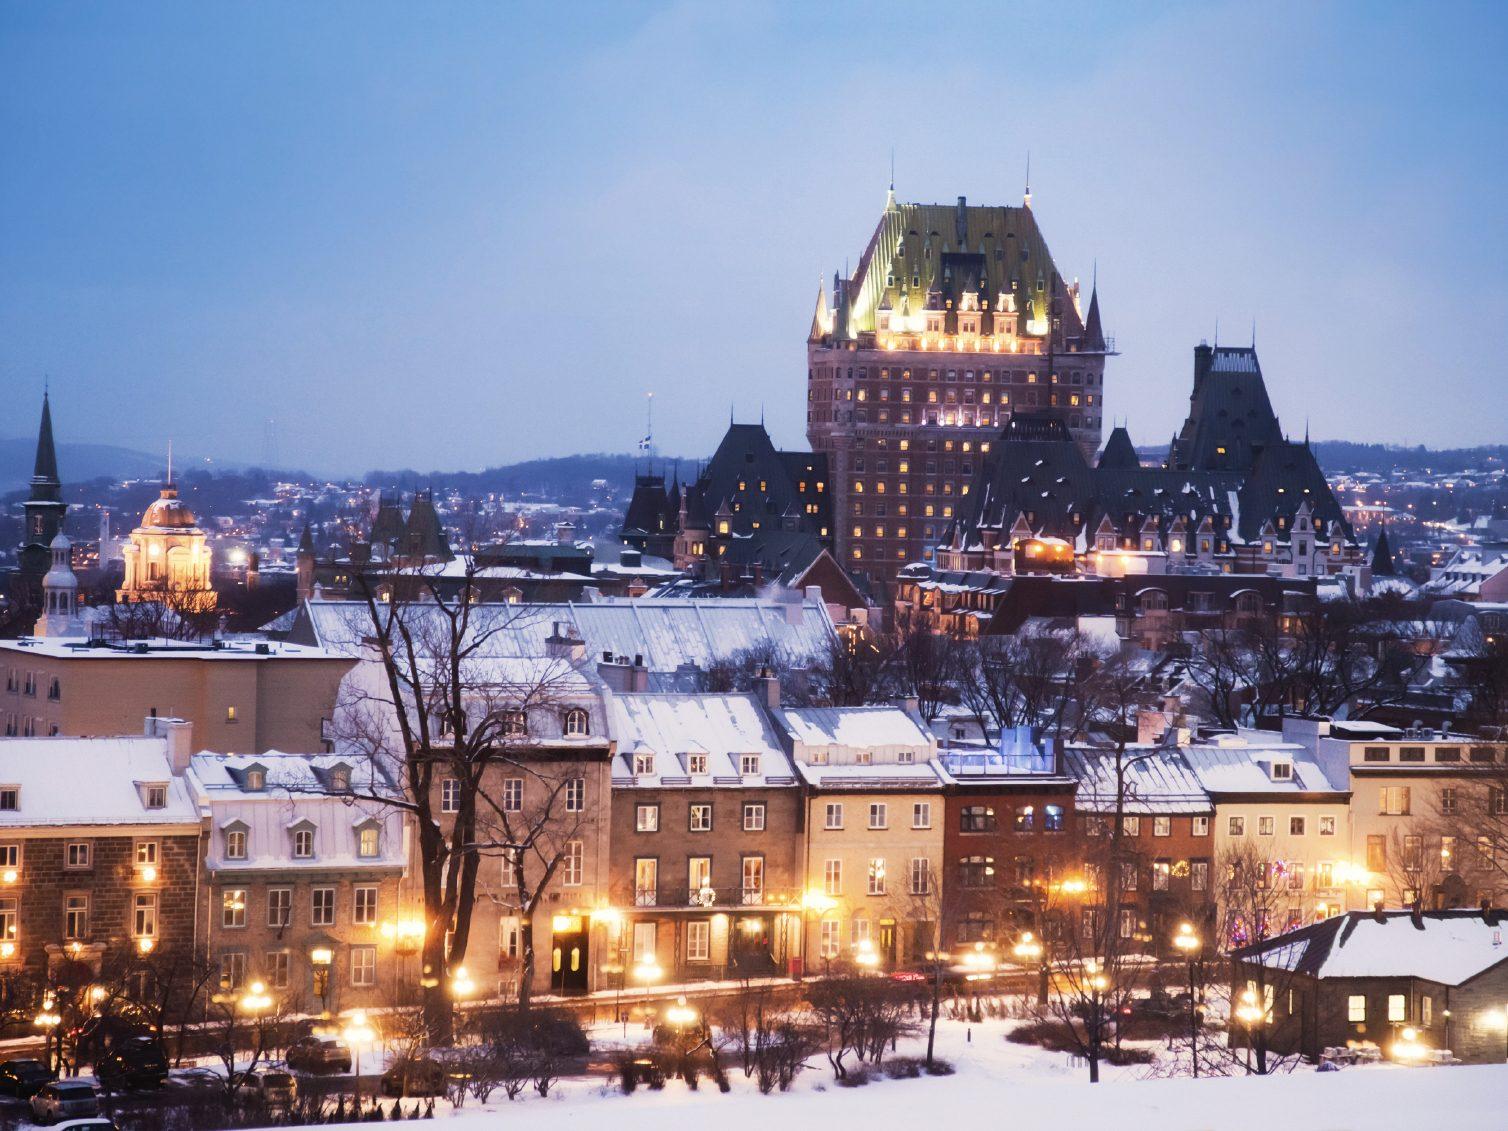 10. Québec, Canada